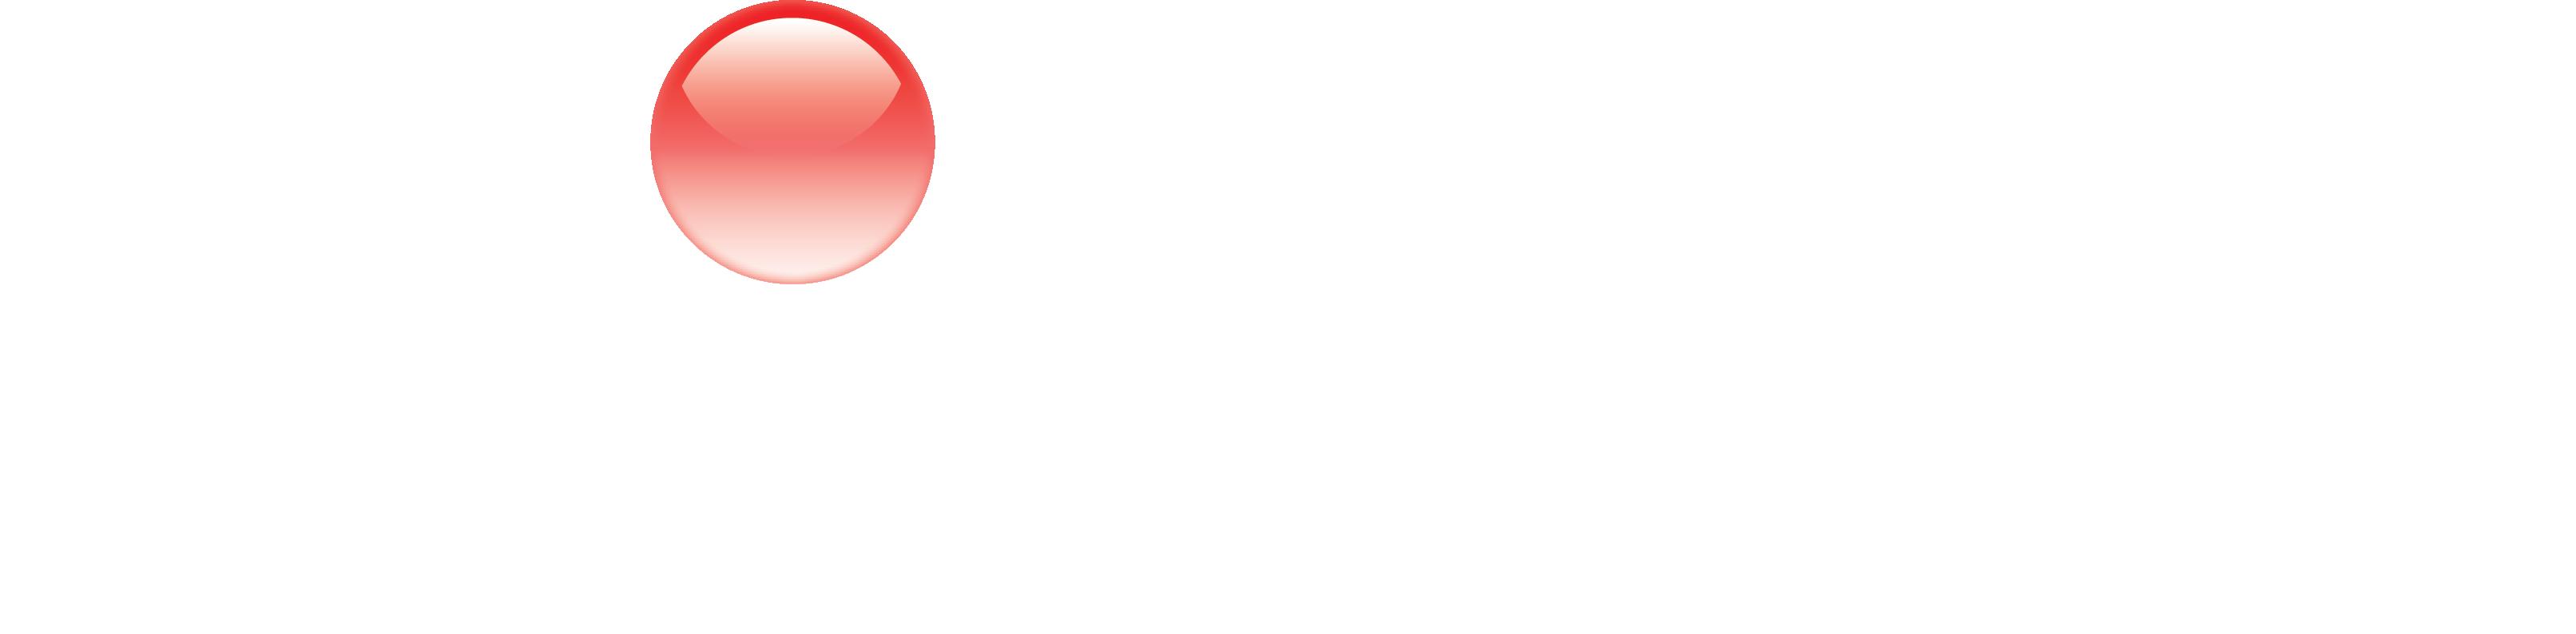 White Projectmates logo